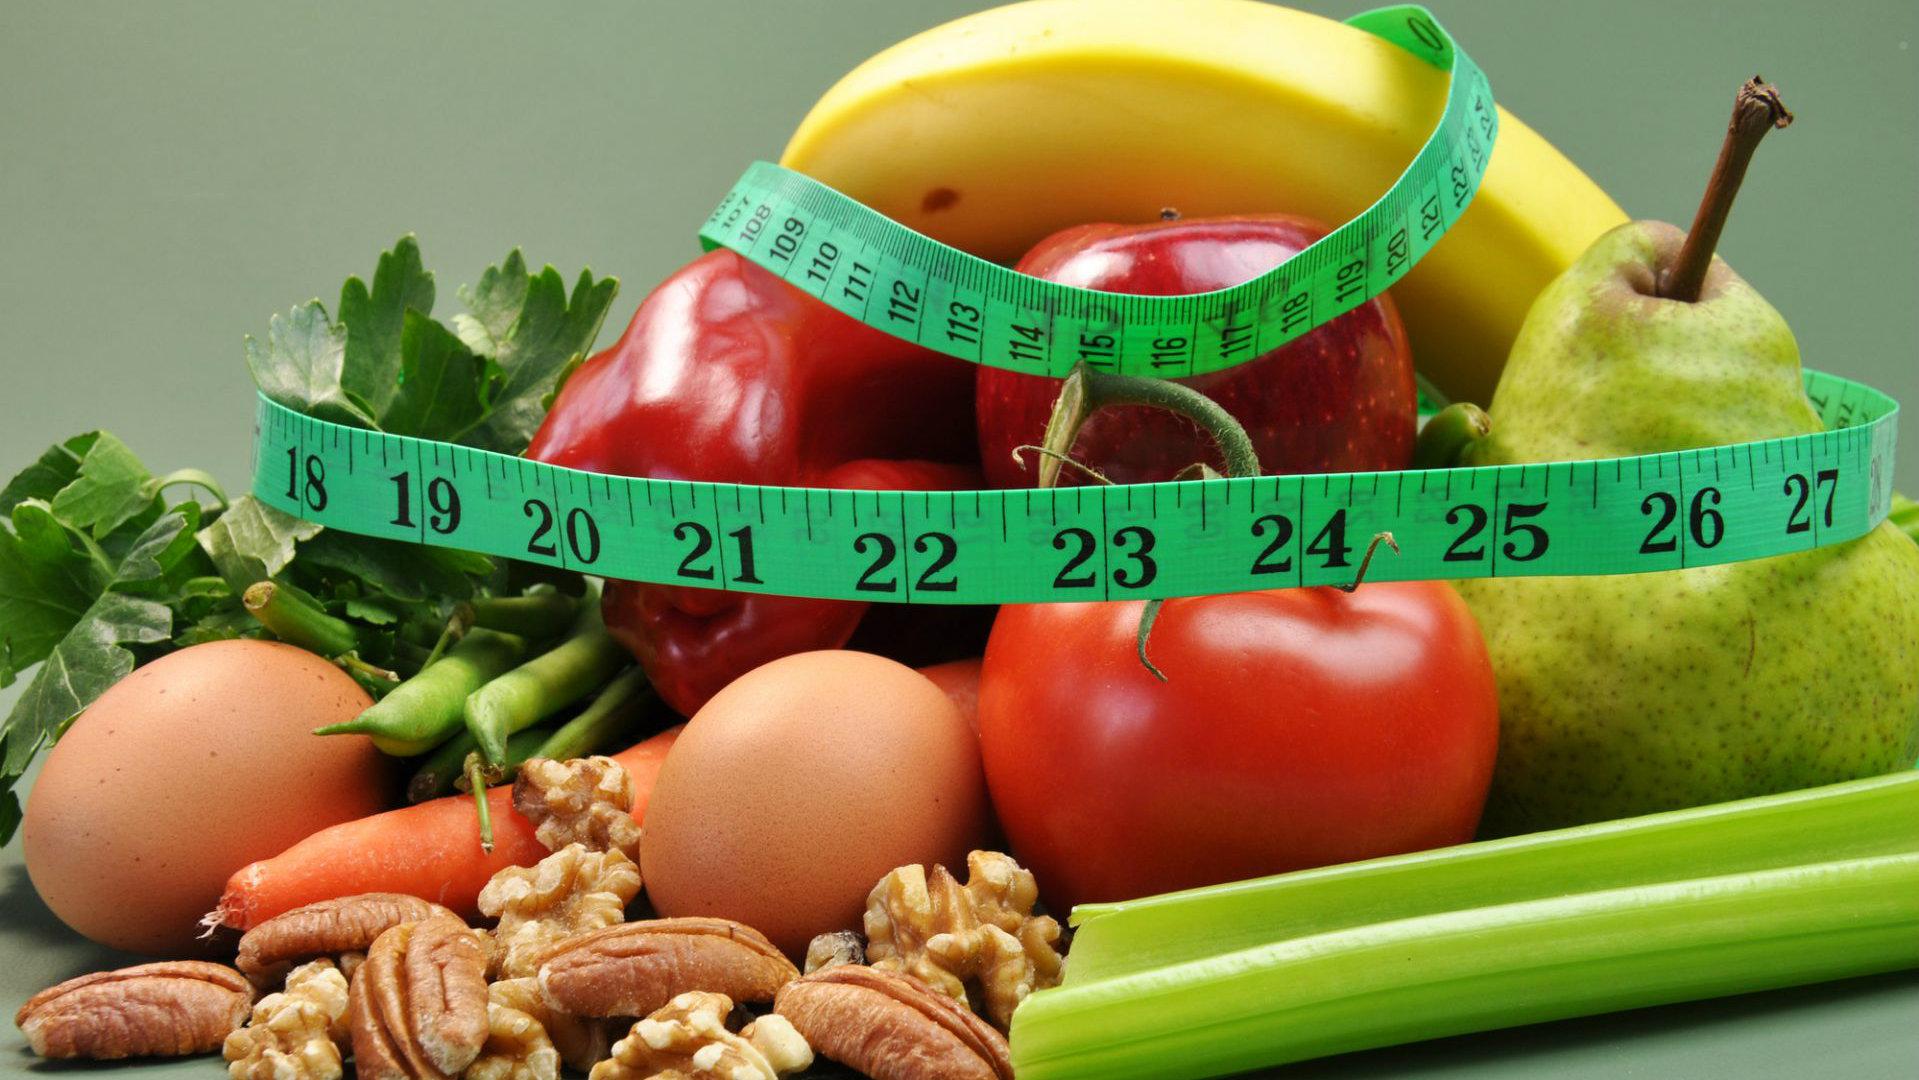 gorduras e carboidratos